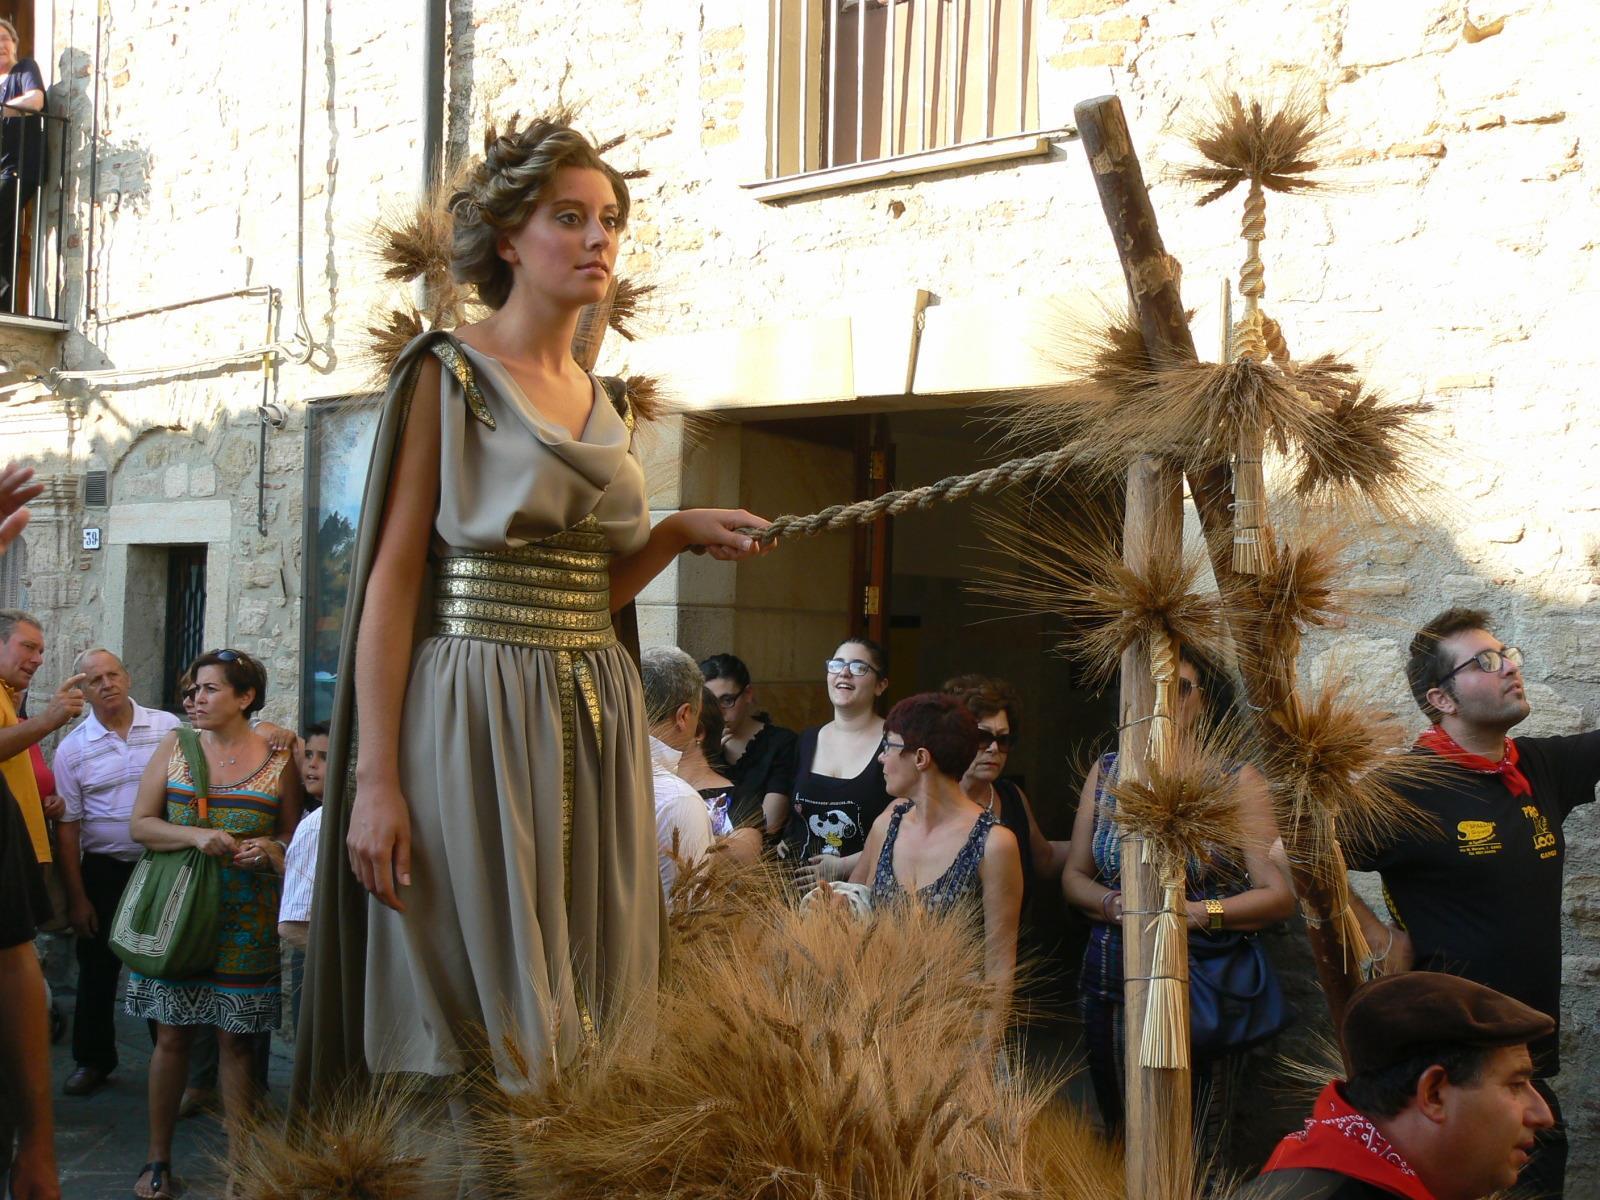 La Sagra della Spiga e il Corteo di Demetra a Gangi a cura di Benedicaria*